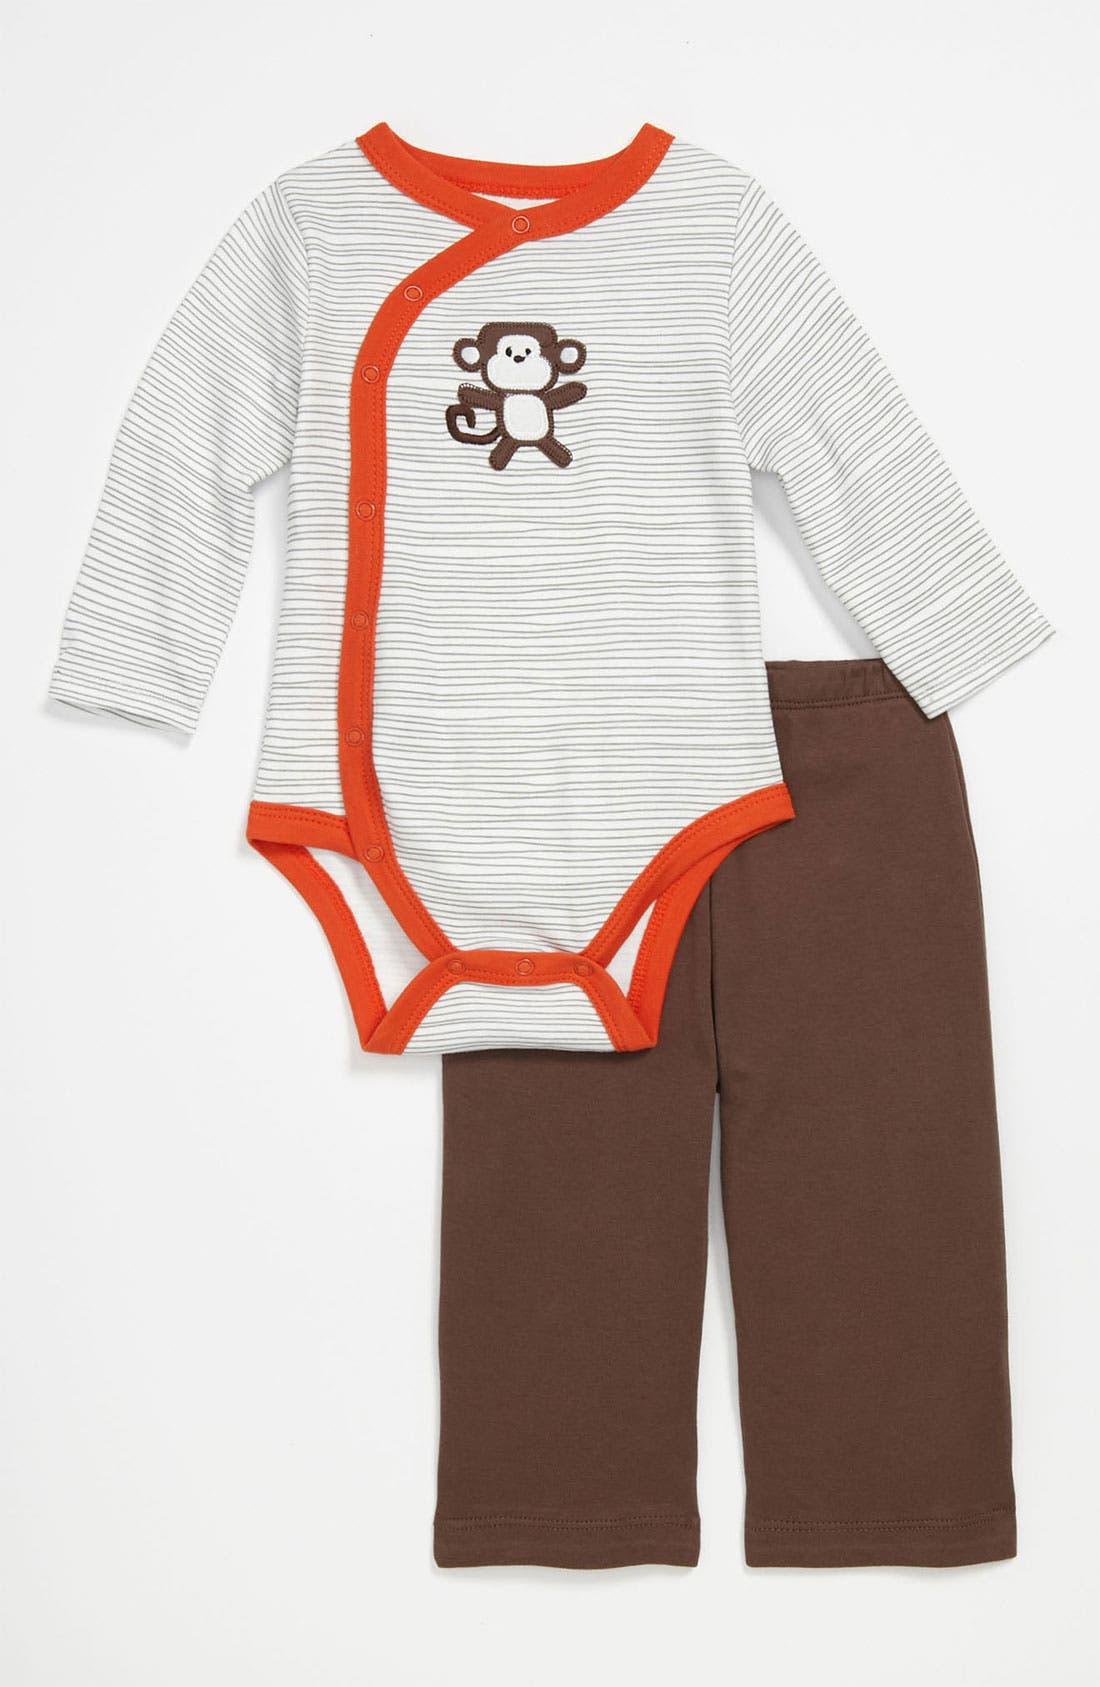 Alternate Image 1 Selected - Offspring Bodysuit & Pants (Infant)